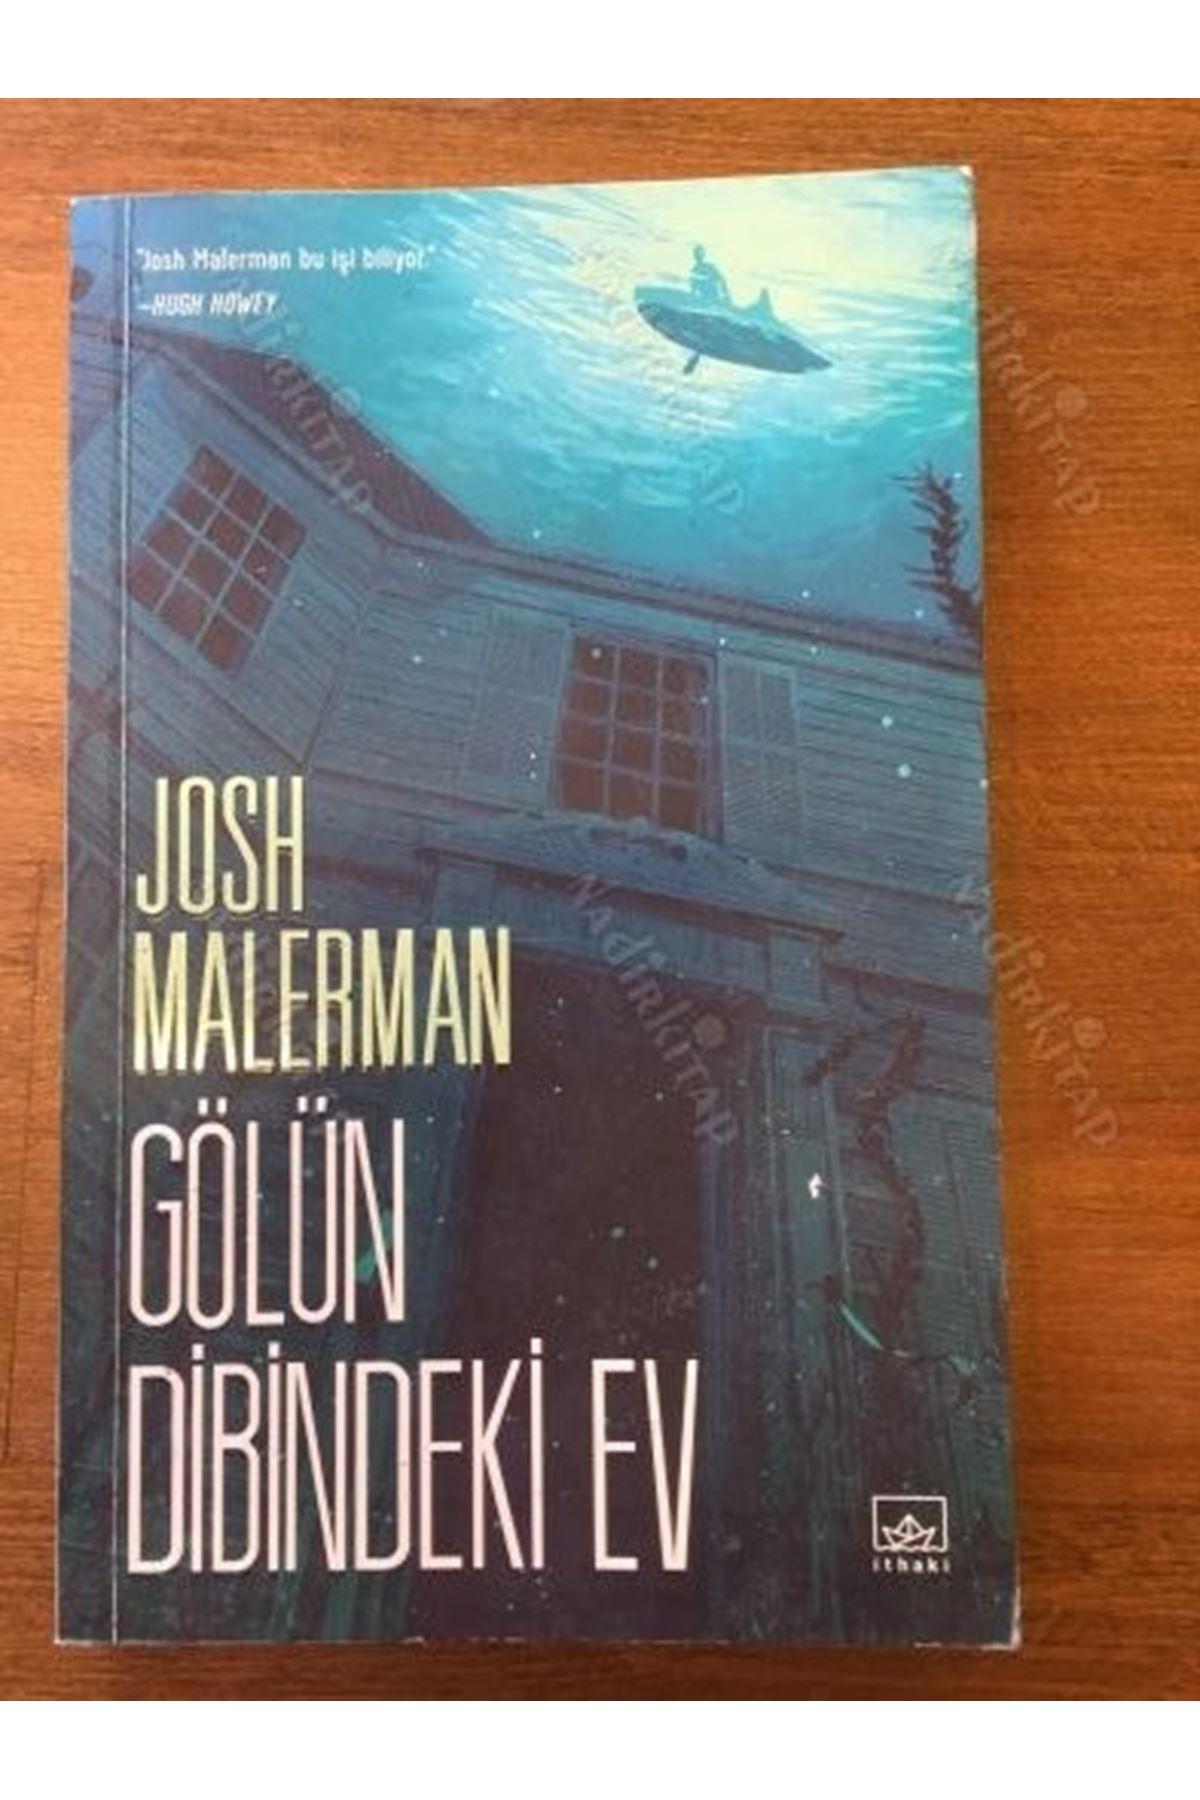 JOSH MALERMAN - GÖLÜN DİBİNDEKİ EV